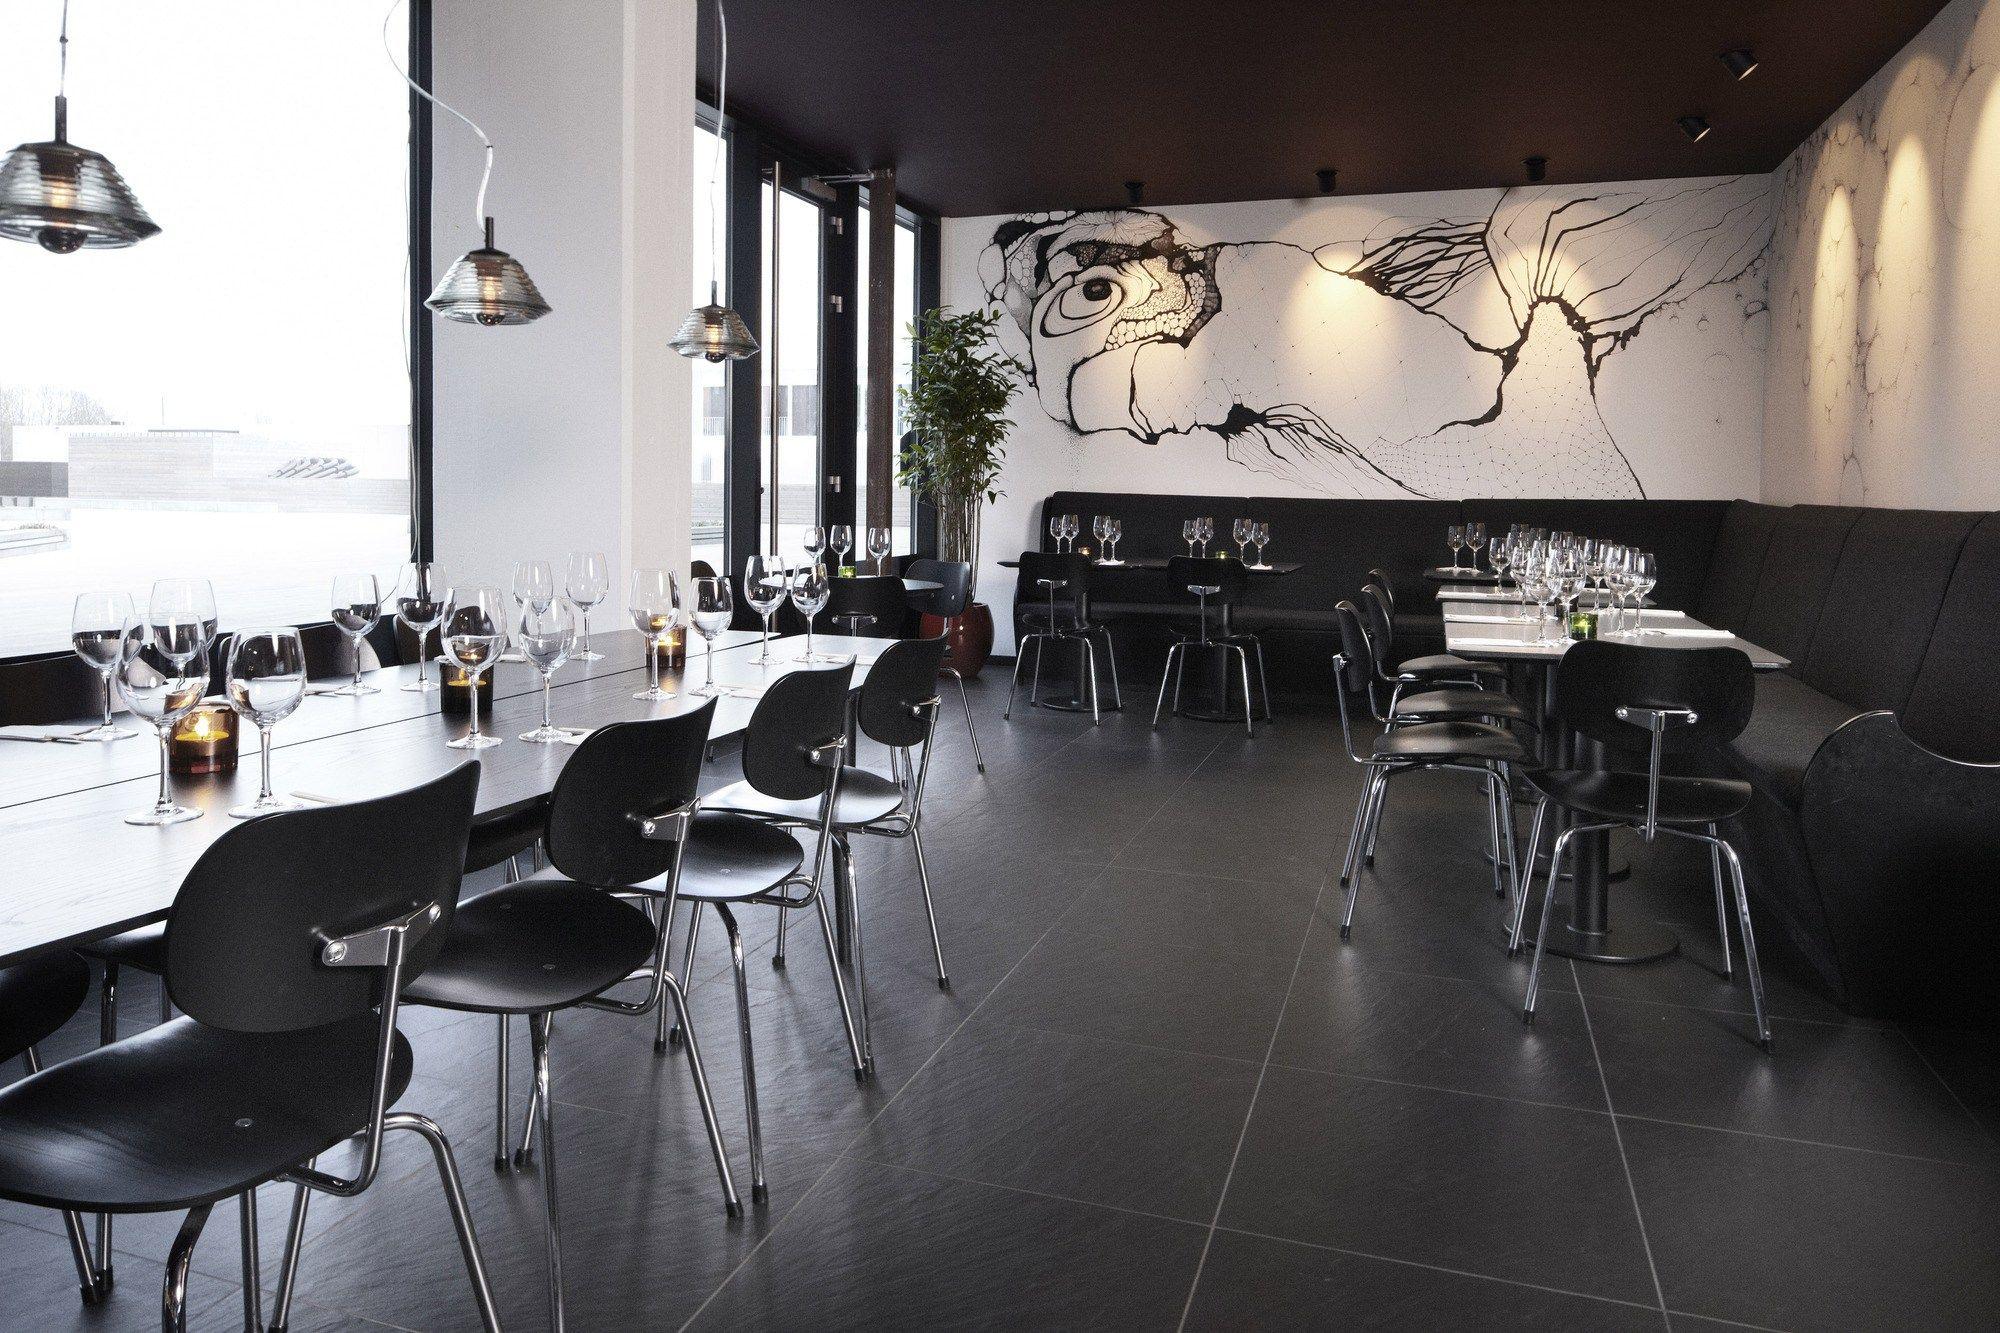 se 68 chair by wilde spieth designm bel design egon eiermann. Black Bedroom Furniture Sets. Home Design Ideas